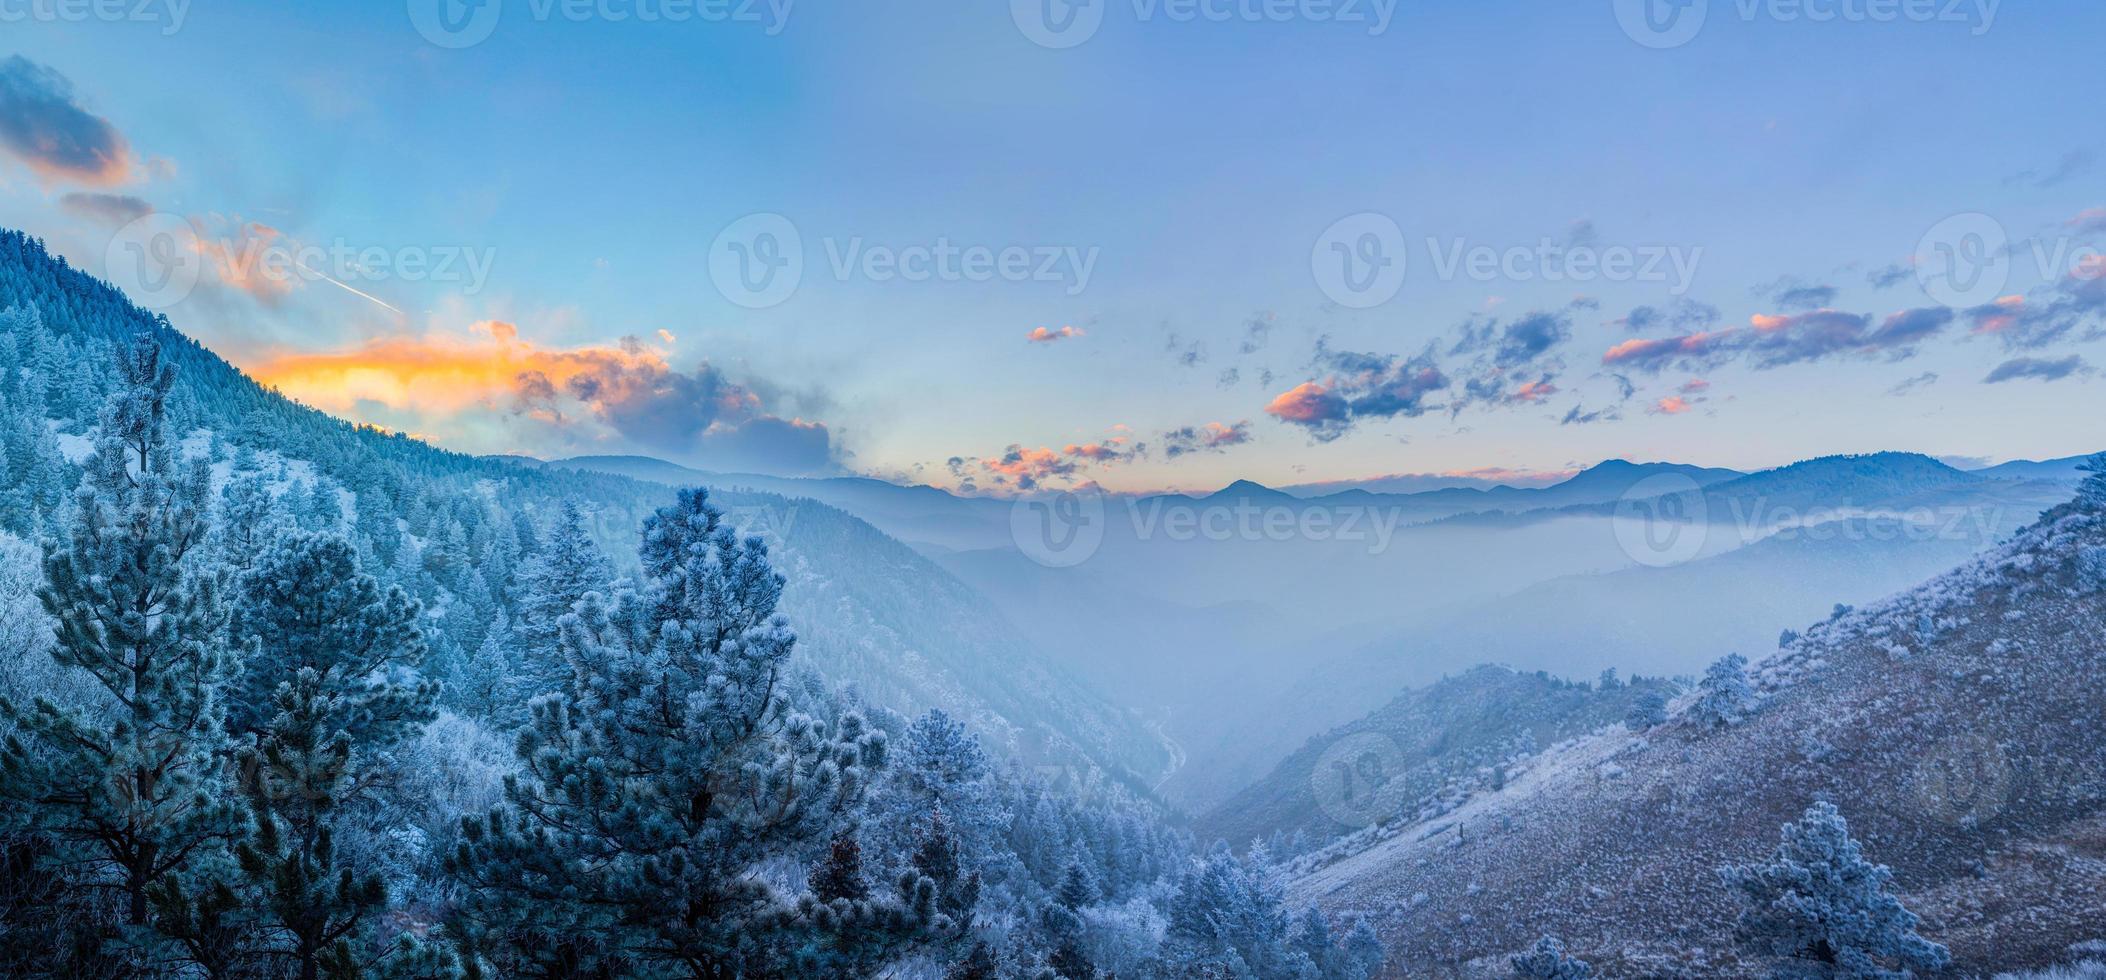 nevoeiro no vale, fogo no céu foto